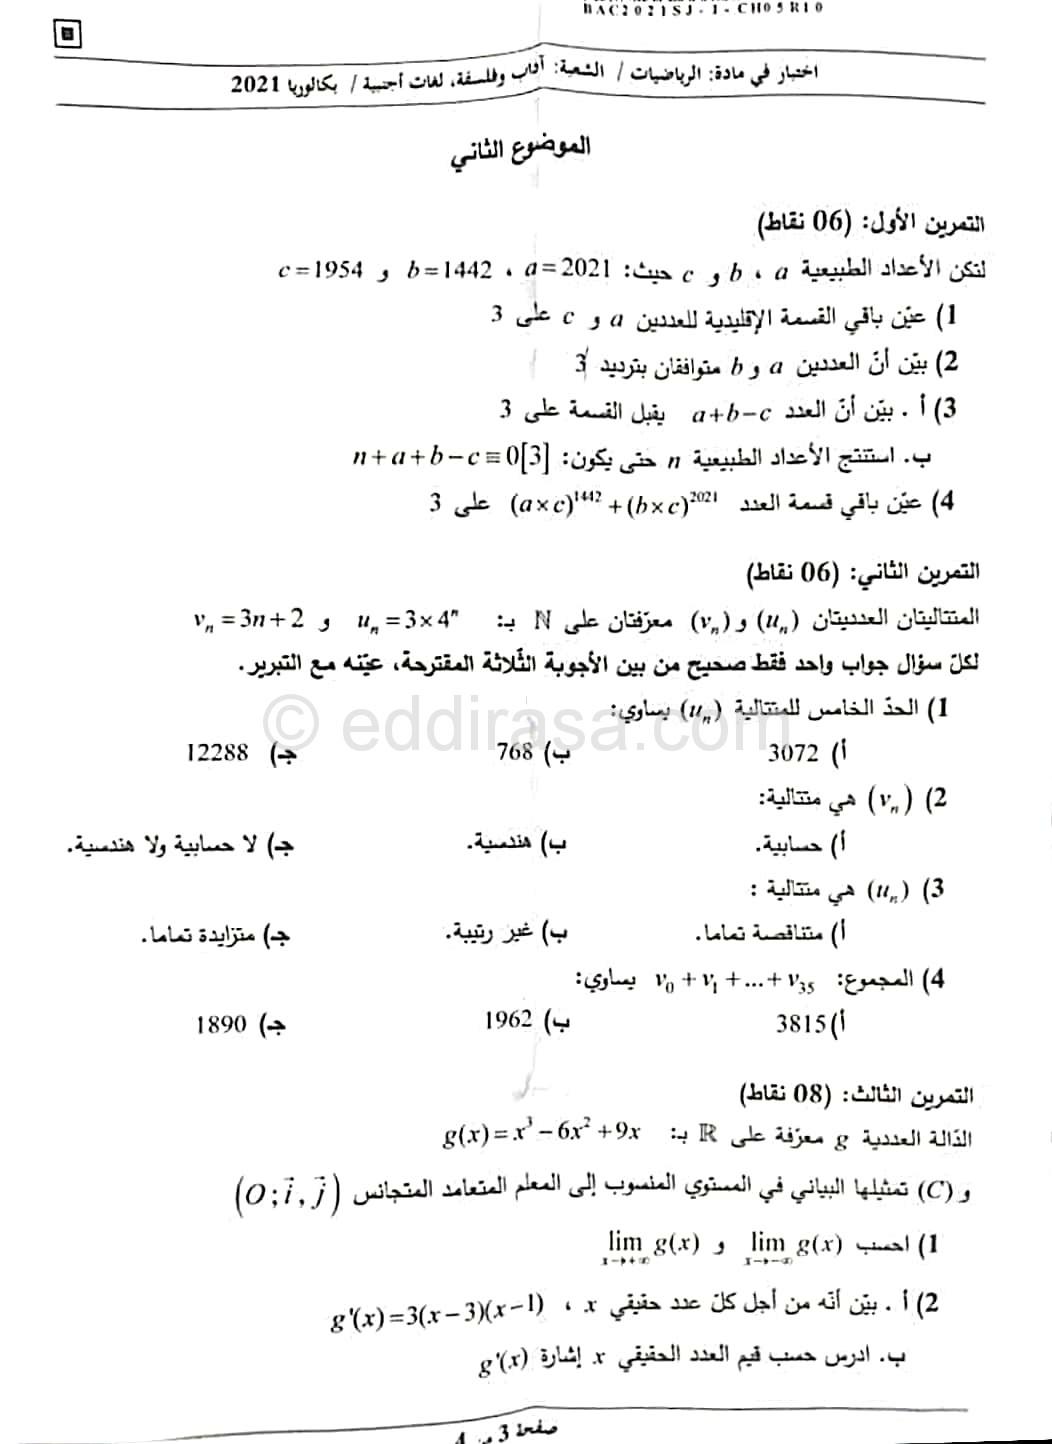 موضوع الرياضيات بكالوريا 2021 آداب وفلسفة - لغات اجنبية